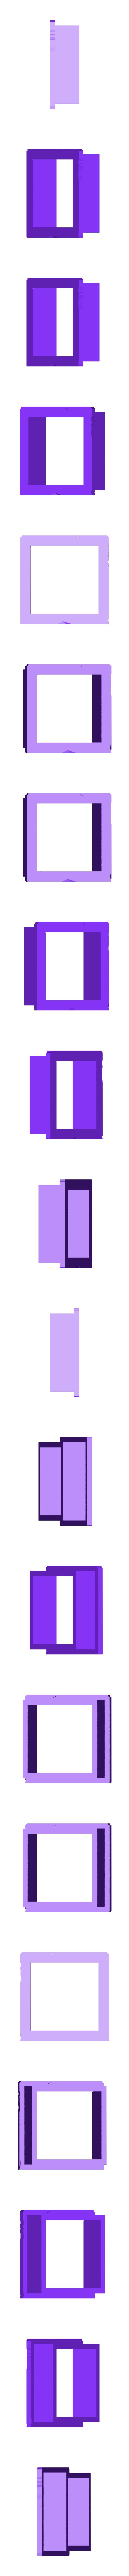 cadre fenetre bois x2.stl Télécharger fichier STL crèche de noel finition + • Modèle imprimable en 3D, YOHAN_3D